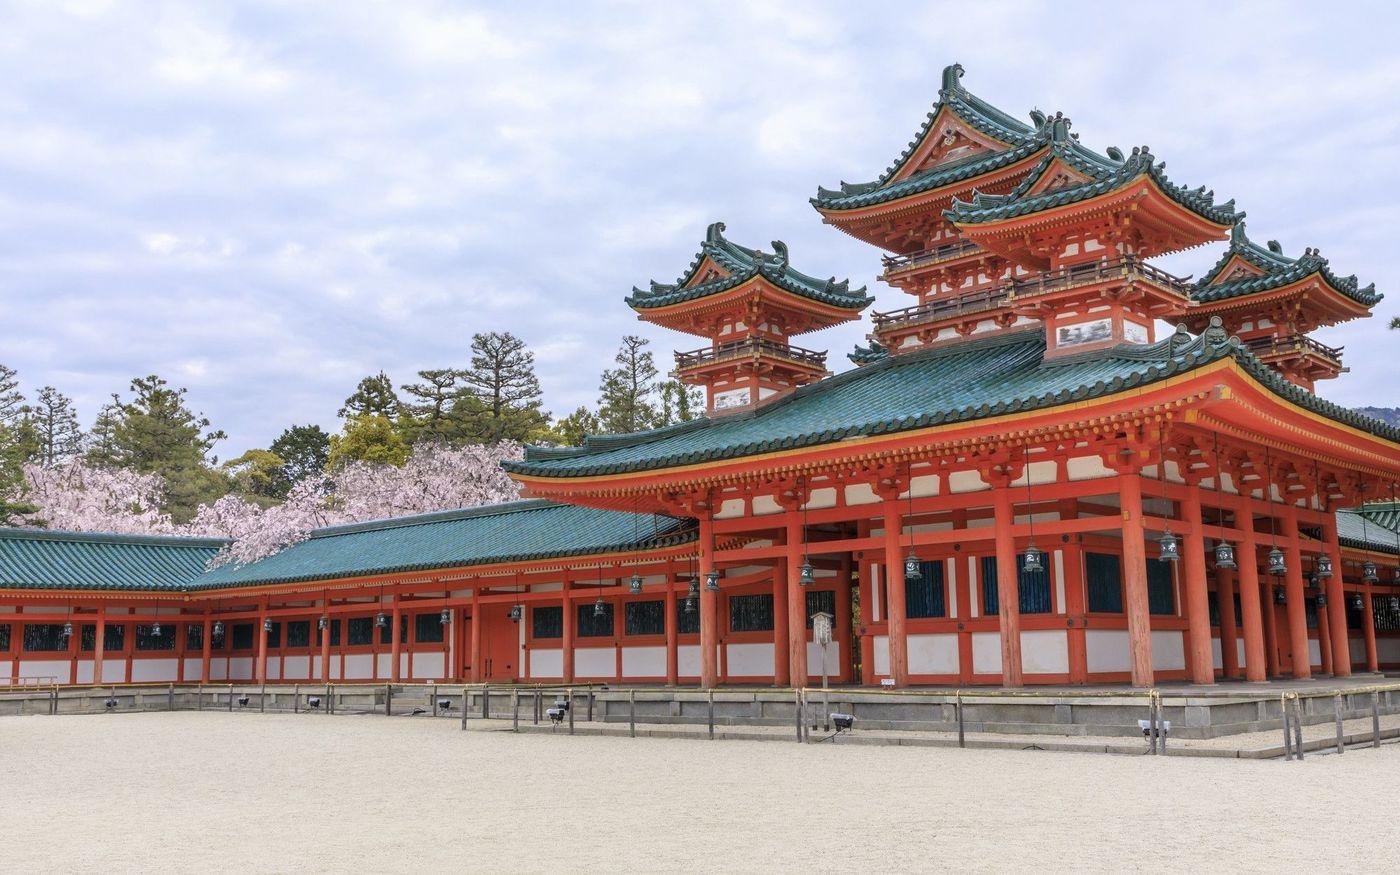 京都の初詣にはココ!おすすめの神社仏閣10選【2020年最新】の画像